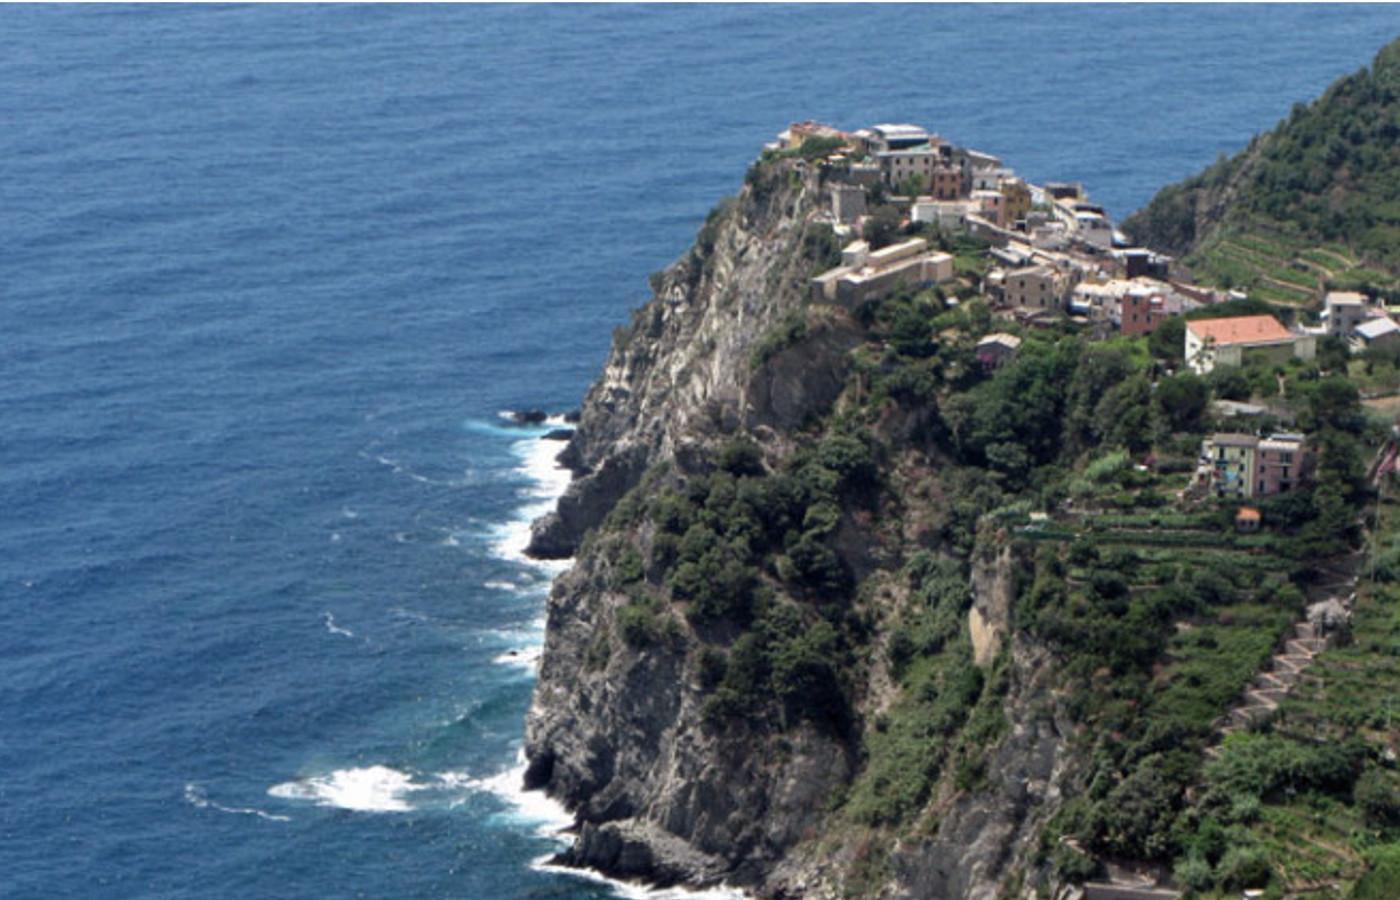 Da Varese Ligure alle Cinque Terre